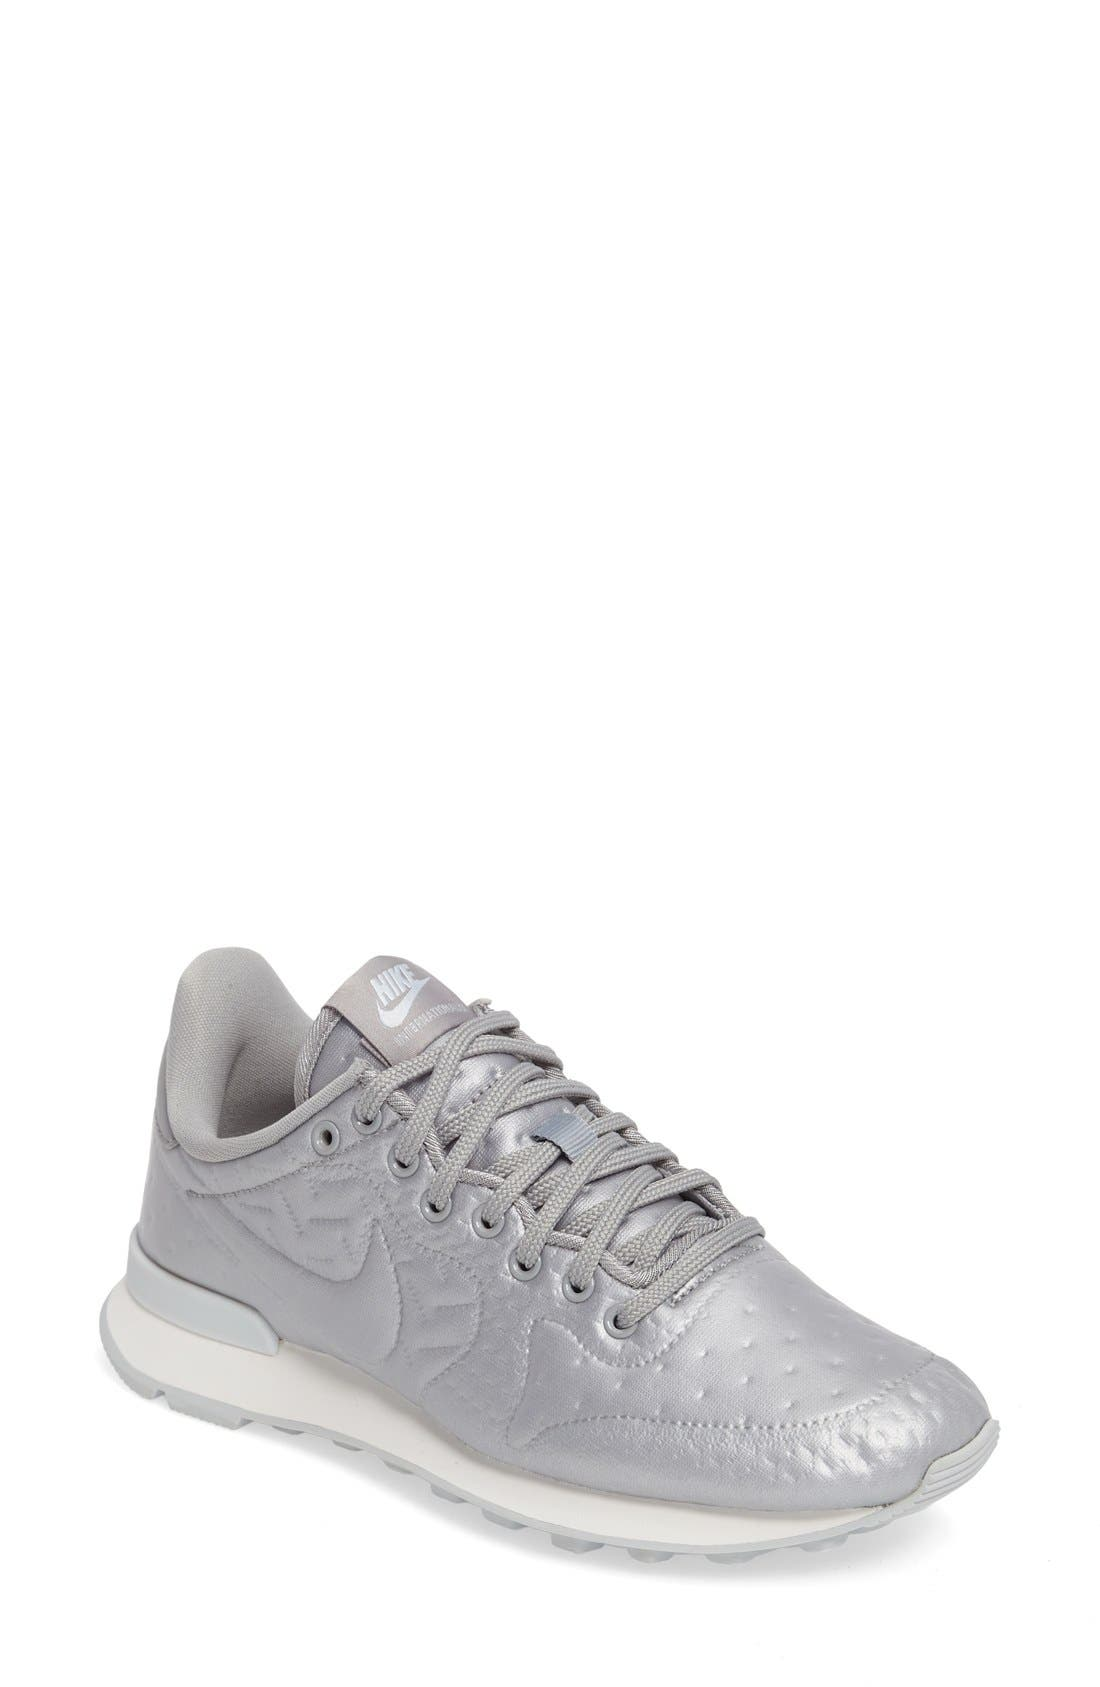 Main Image - Nike Internationalist Sneaker (Women)